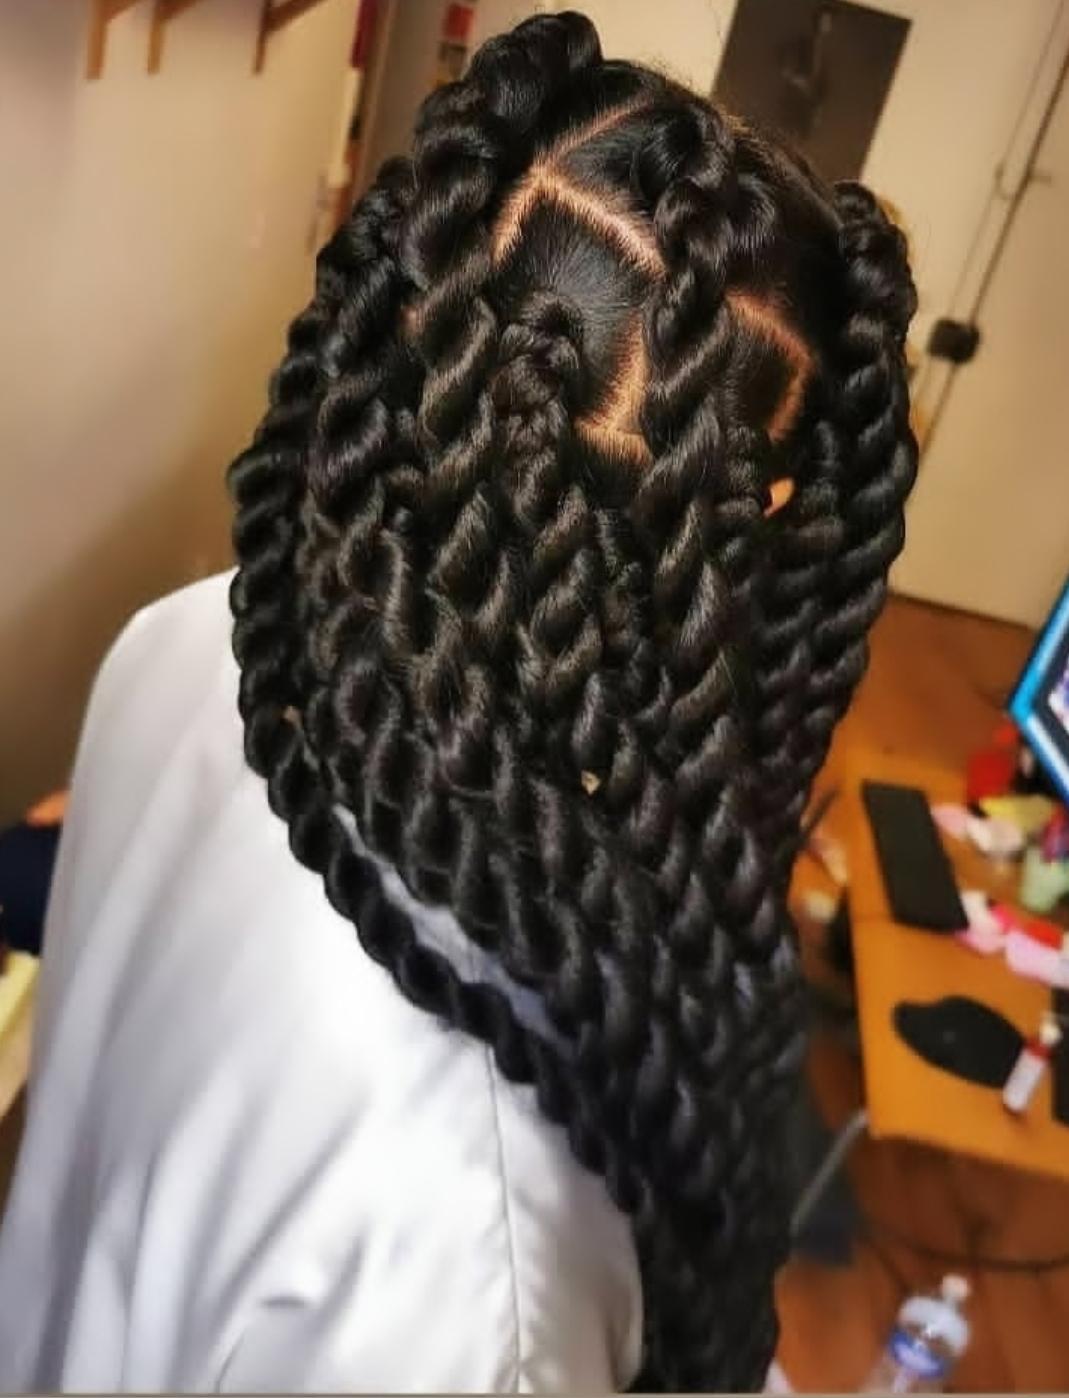 salon de coiffure afro tresse tresses box braids crochet braids vanilles tissages paris 75 77 78 91 92 93 94 95 UJLQWAZW